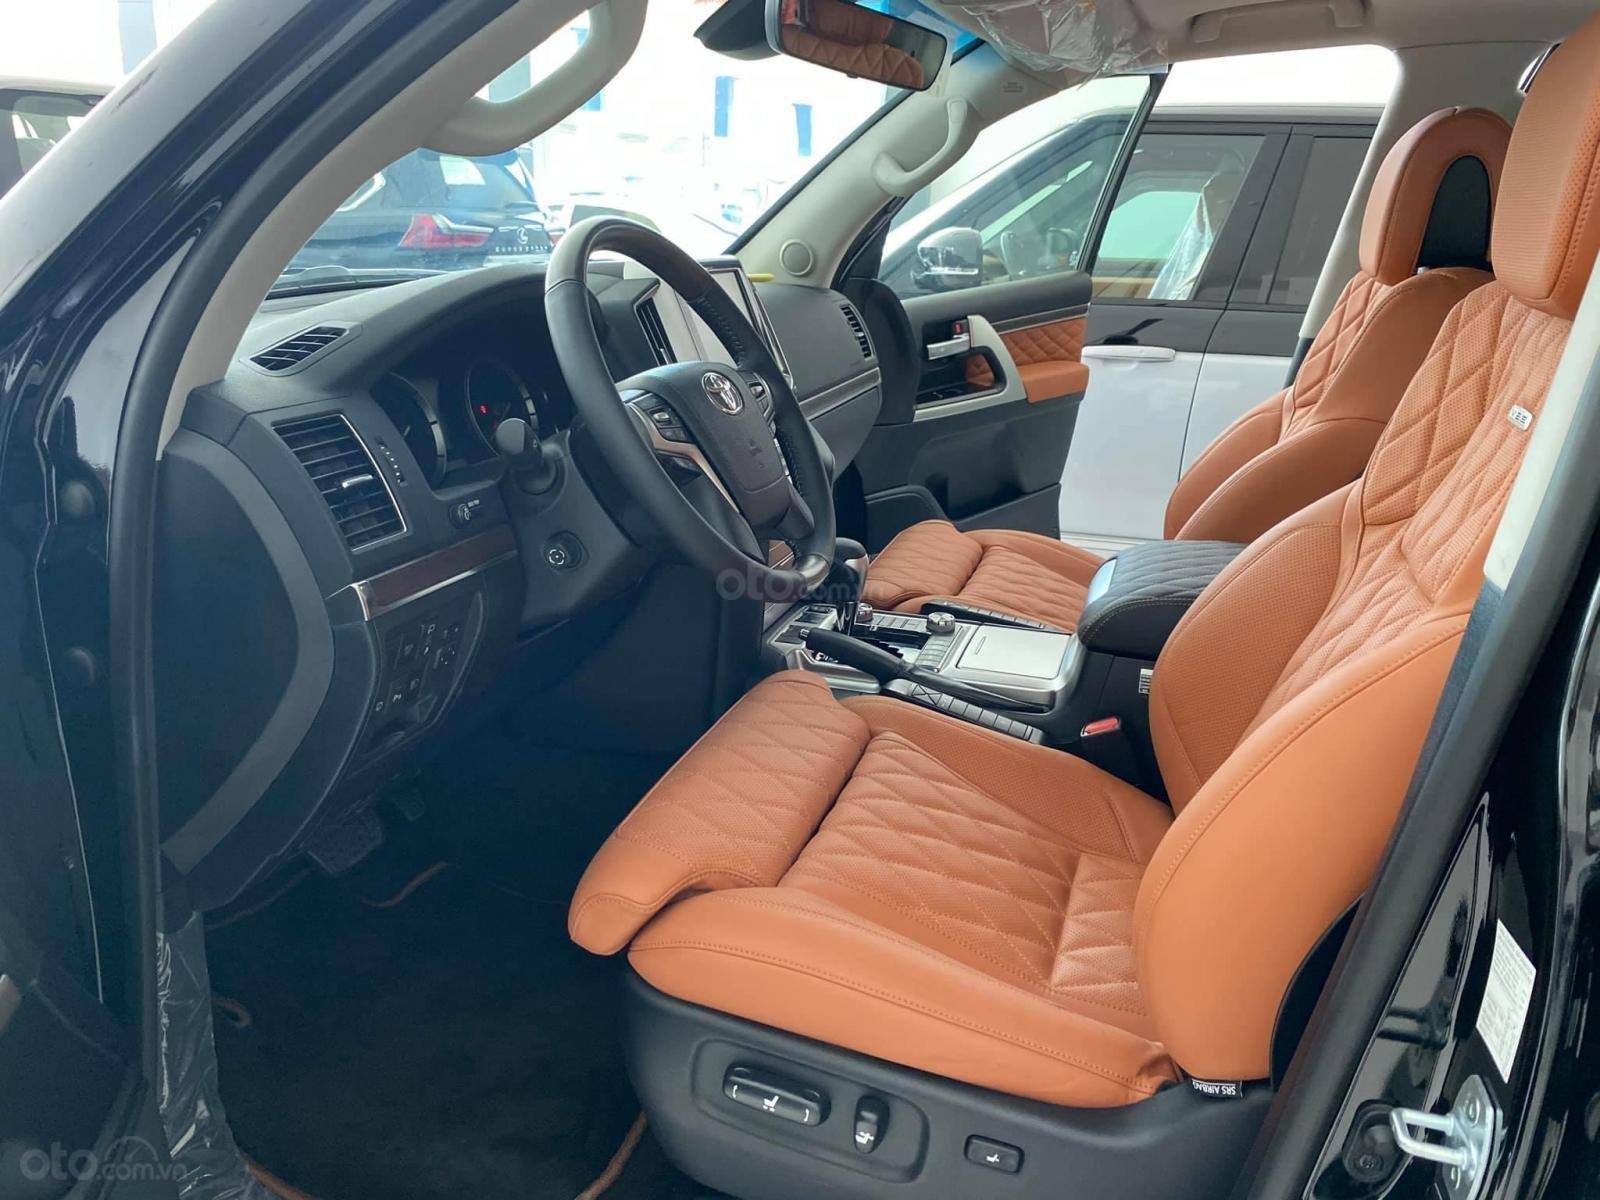 Bán Toyota Land Cruise MBS 5.7,4 ghế thương gia siêu vip, sản xuất 2020, xe giao ngay (12)